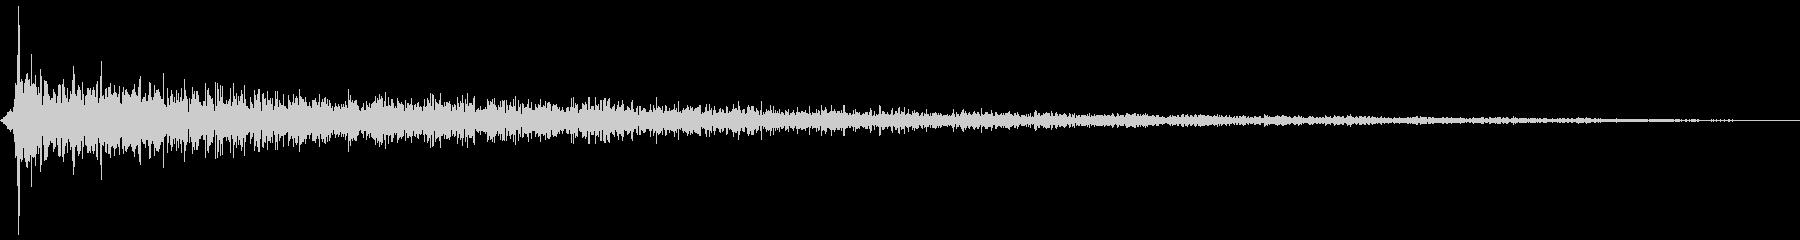 バーン(ピアノをたたく音)の未再生の波形